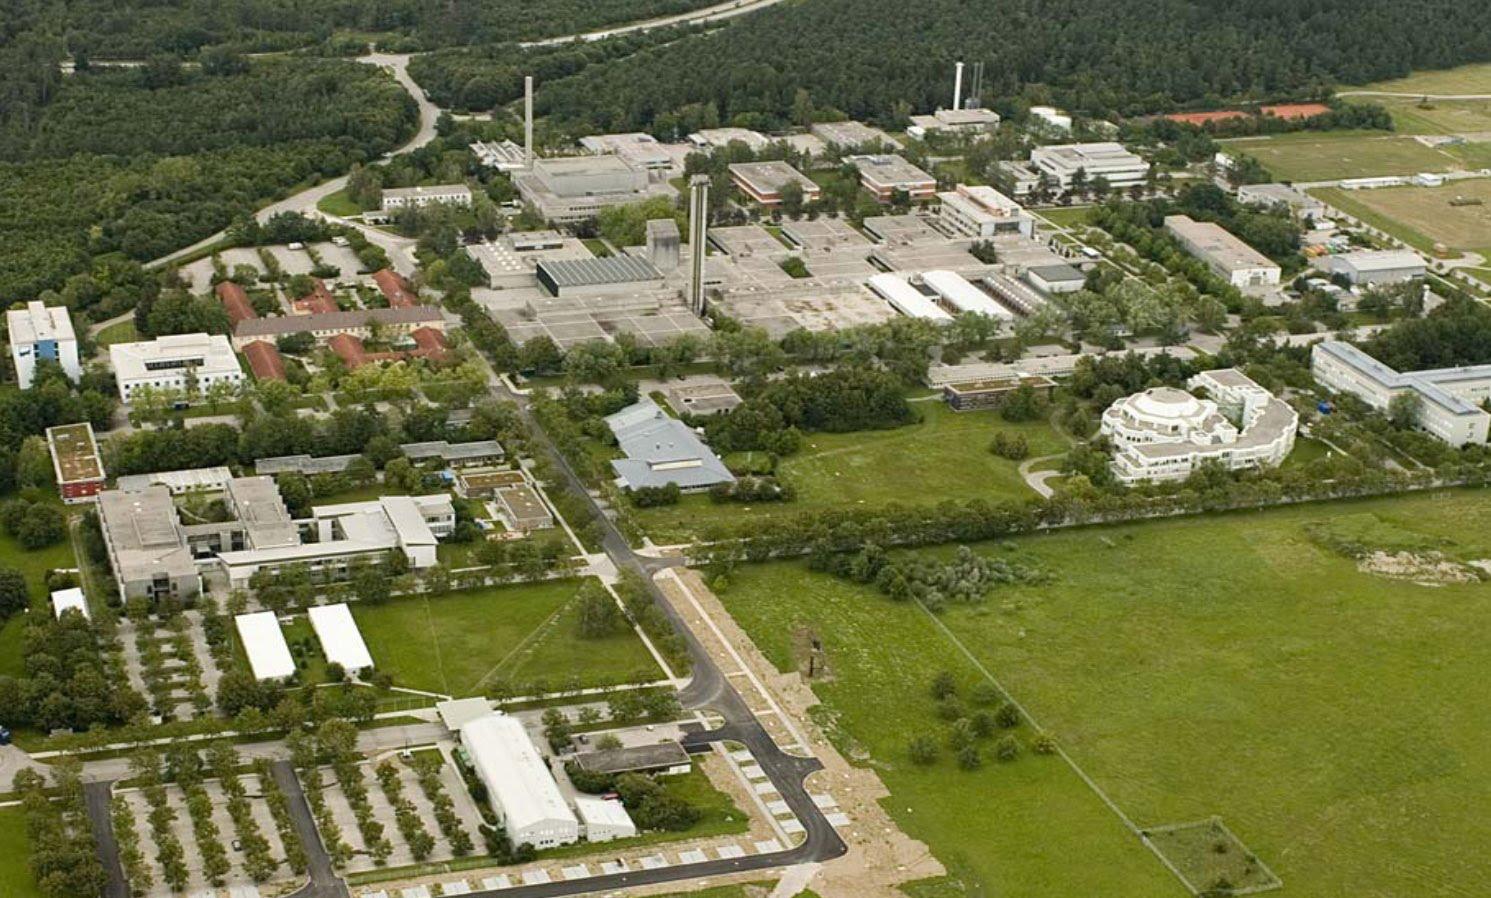 亥姆霍茲慕尼黑研究中心-德國環境與健康研究中心HMGU(上圖),是聯合會成員之一,以健康與環境為主要研究題目。